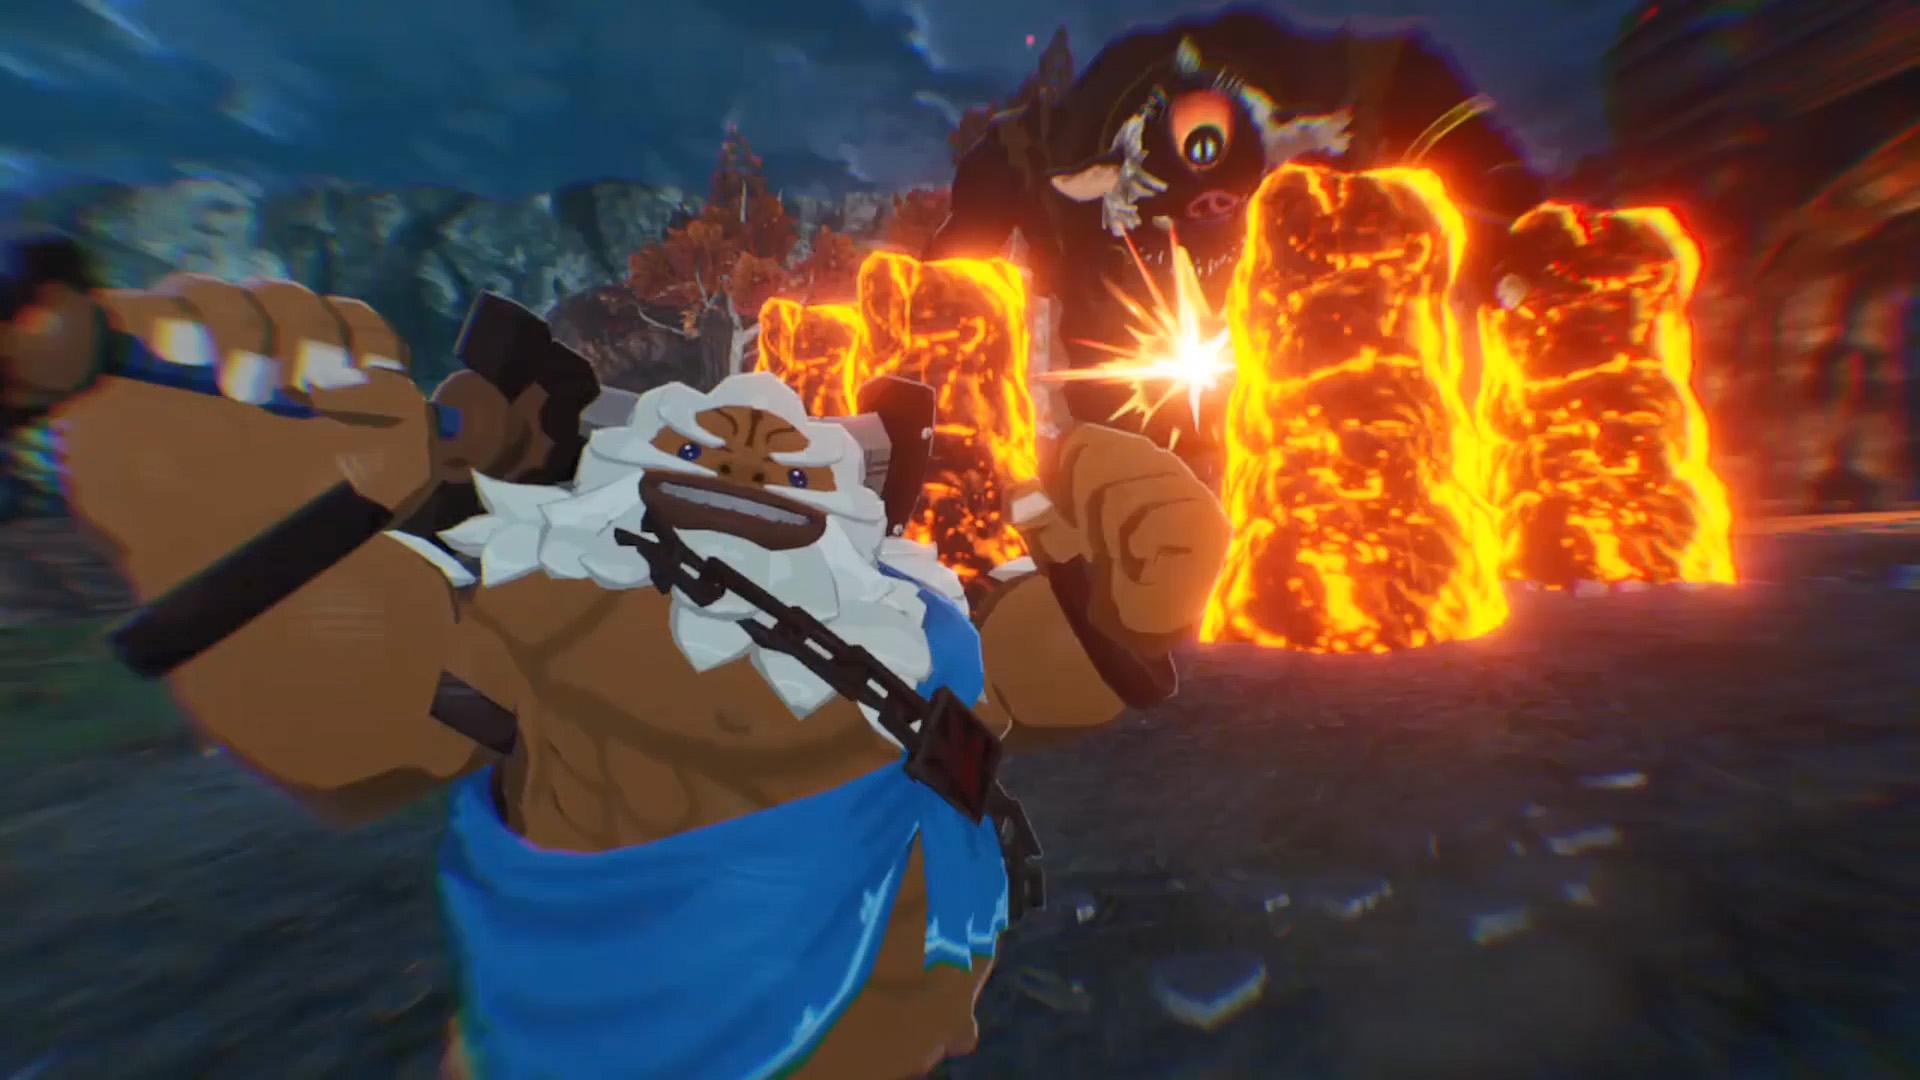 Wenig überraschend nutzt der Goronen-Krieger das Element Feuer und Steine zu seinem Vorteil.